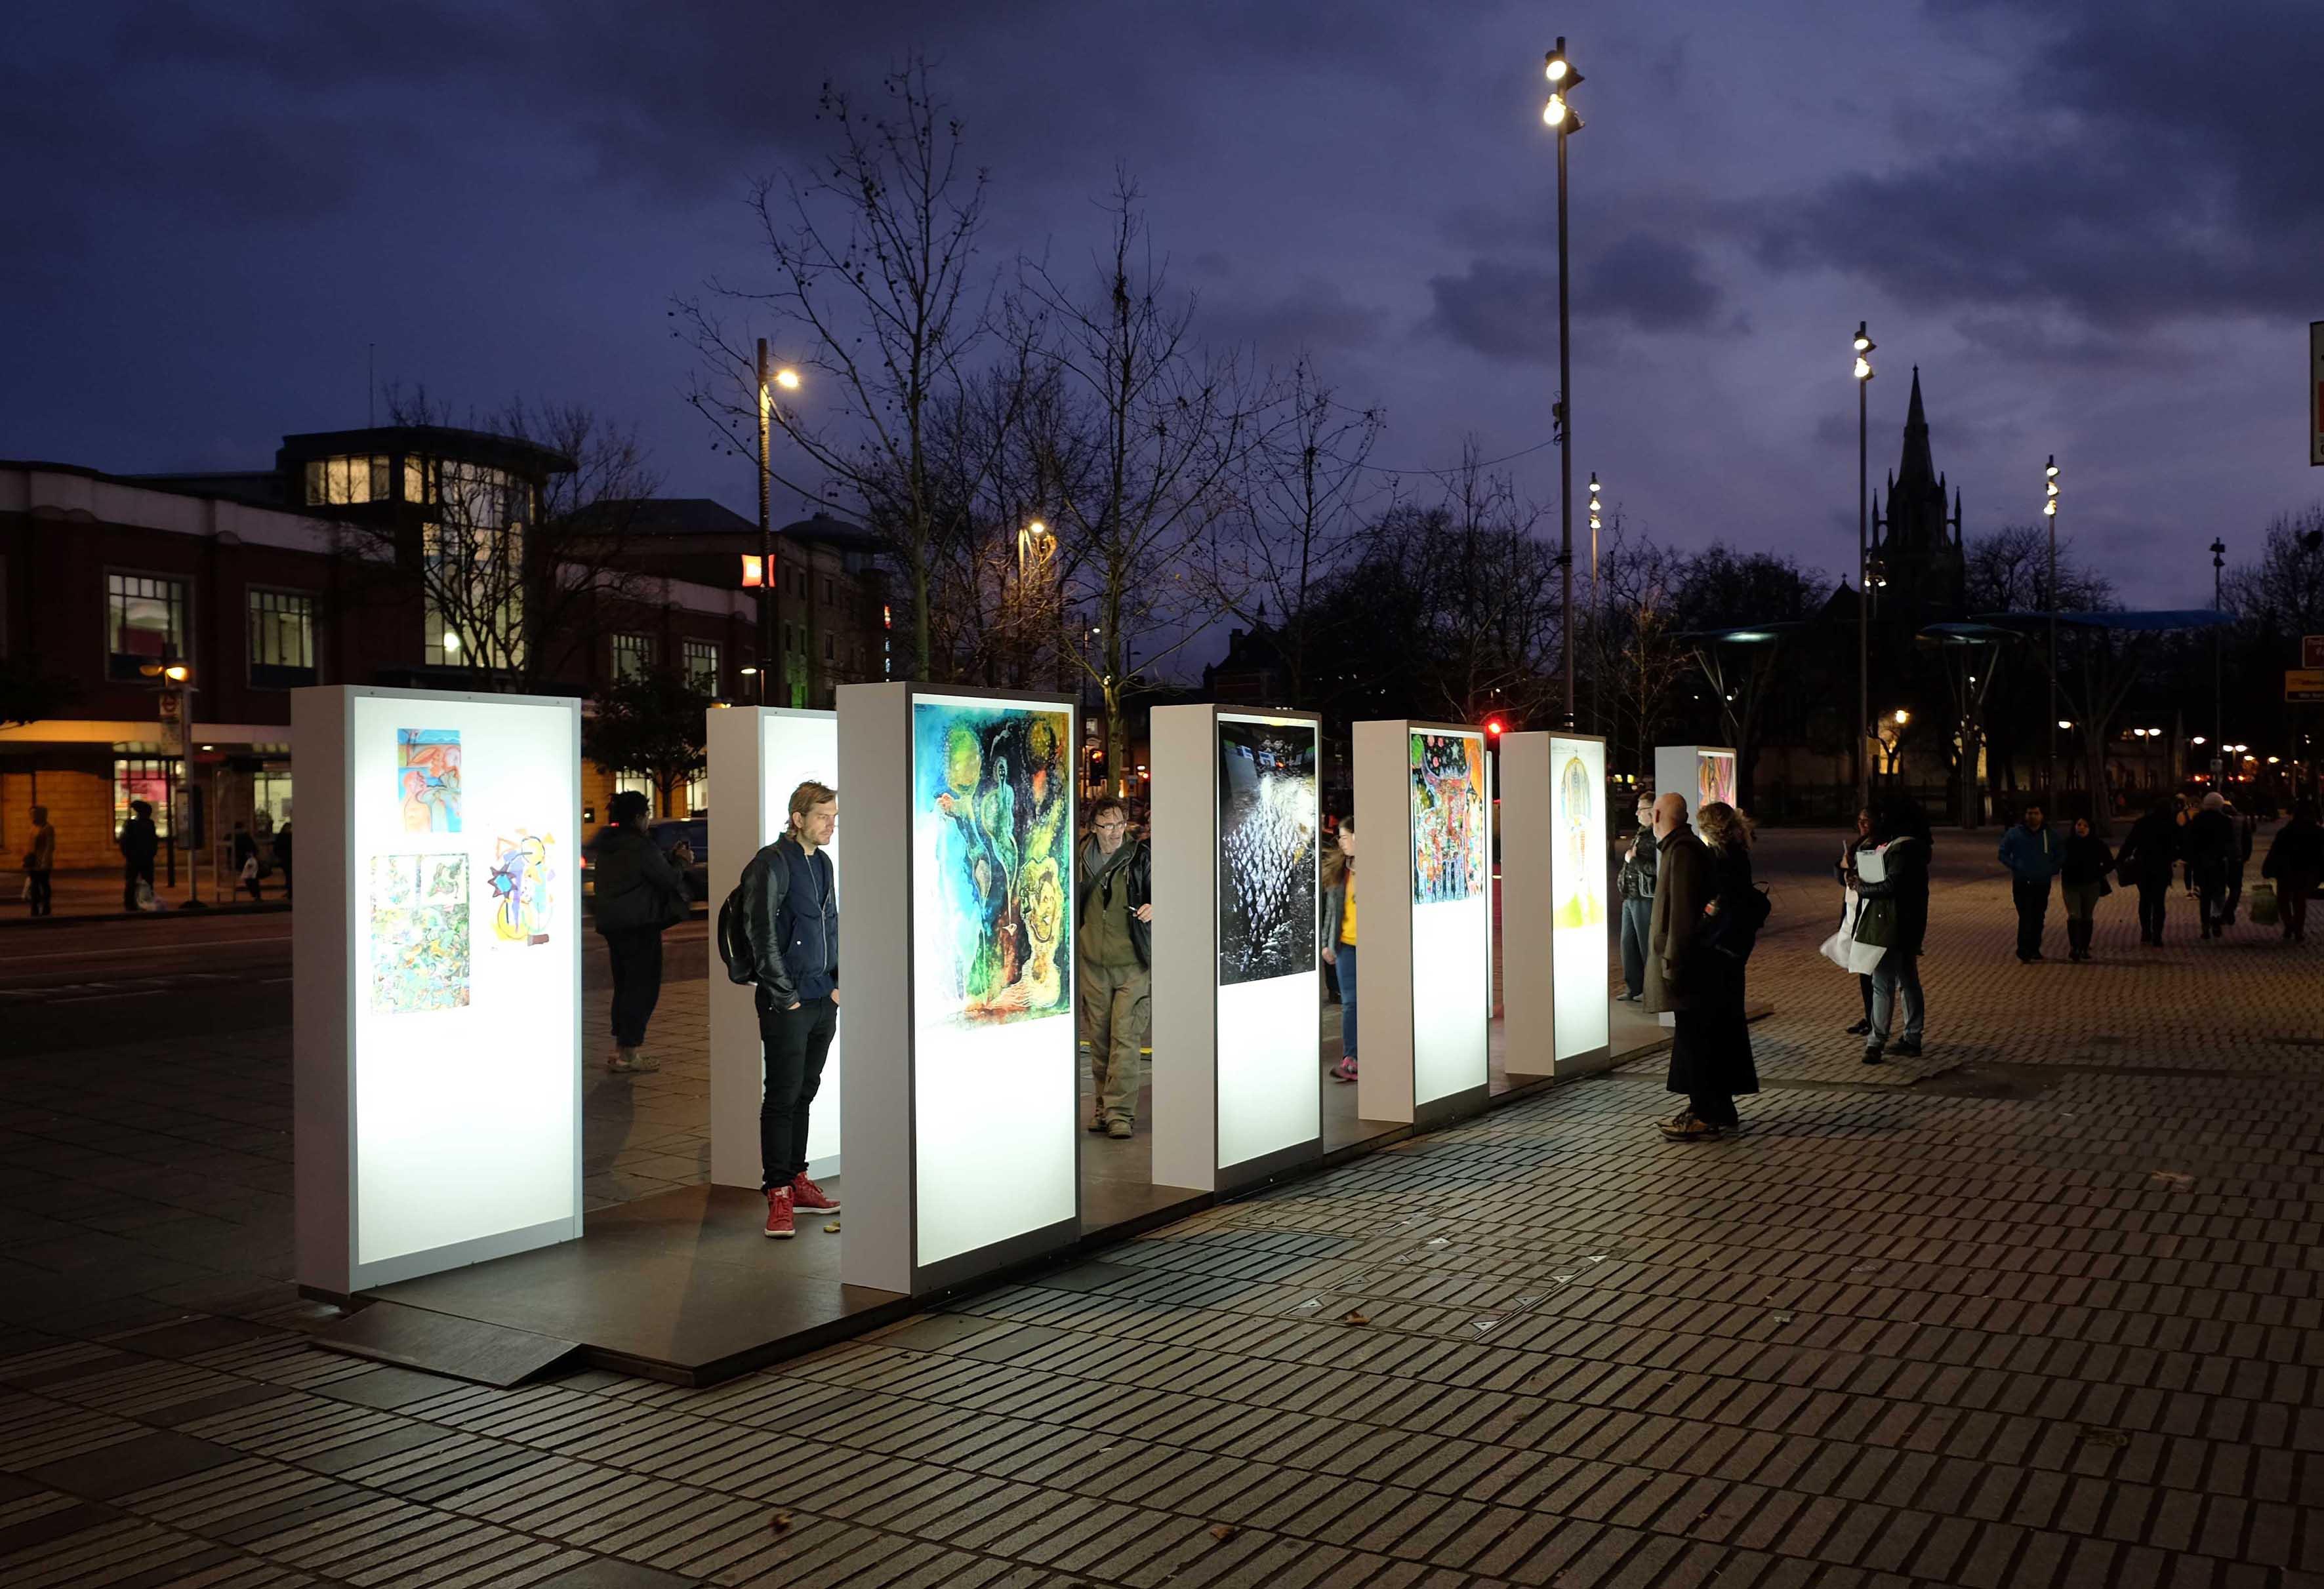 lightbox installation